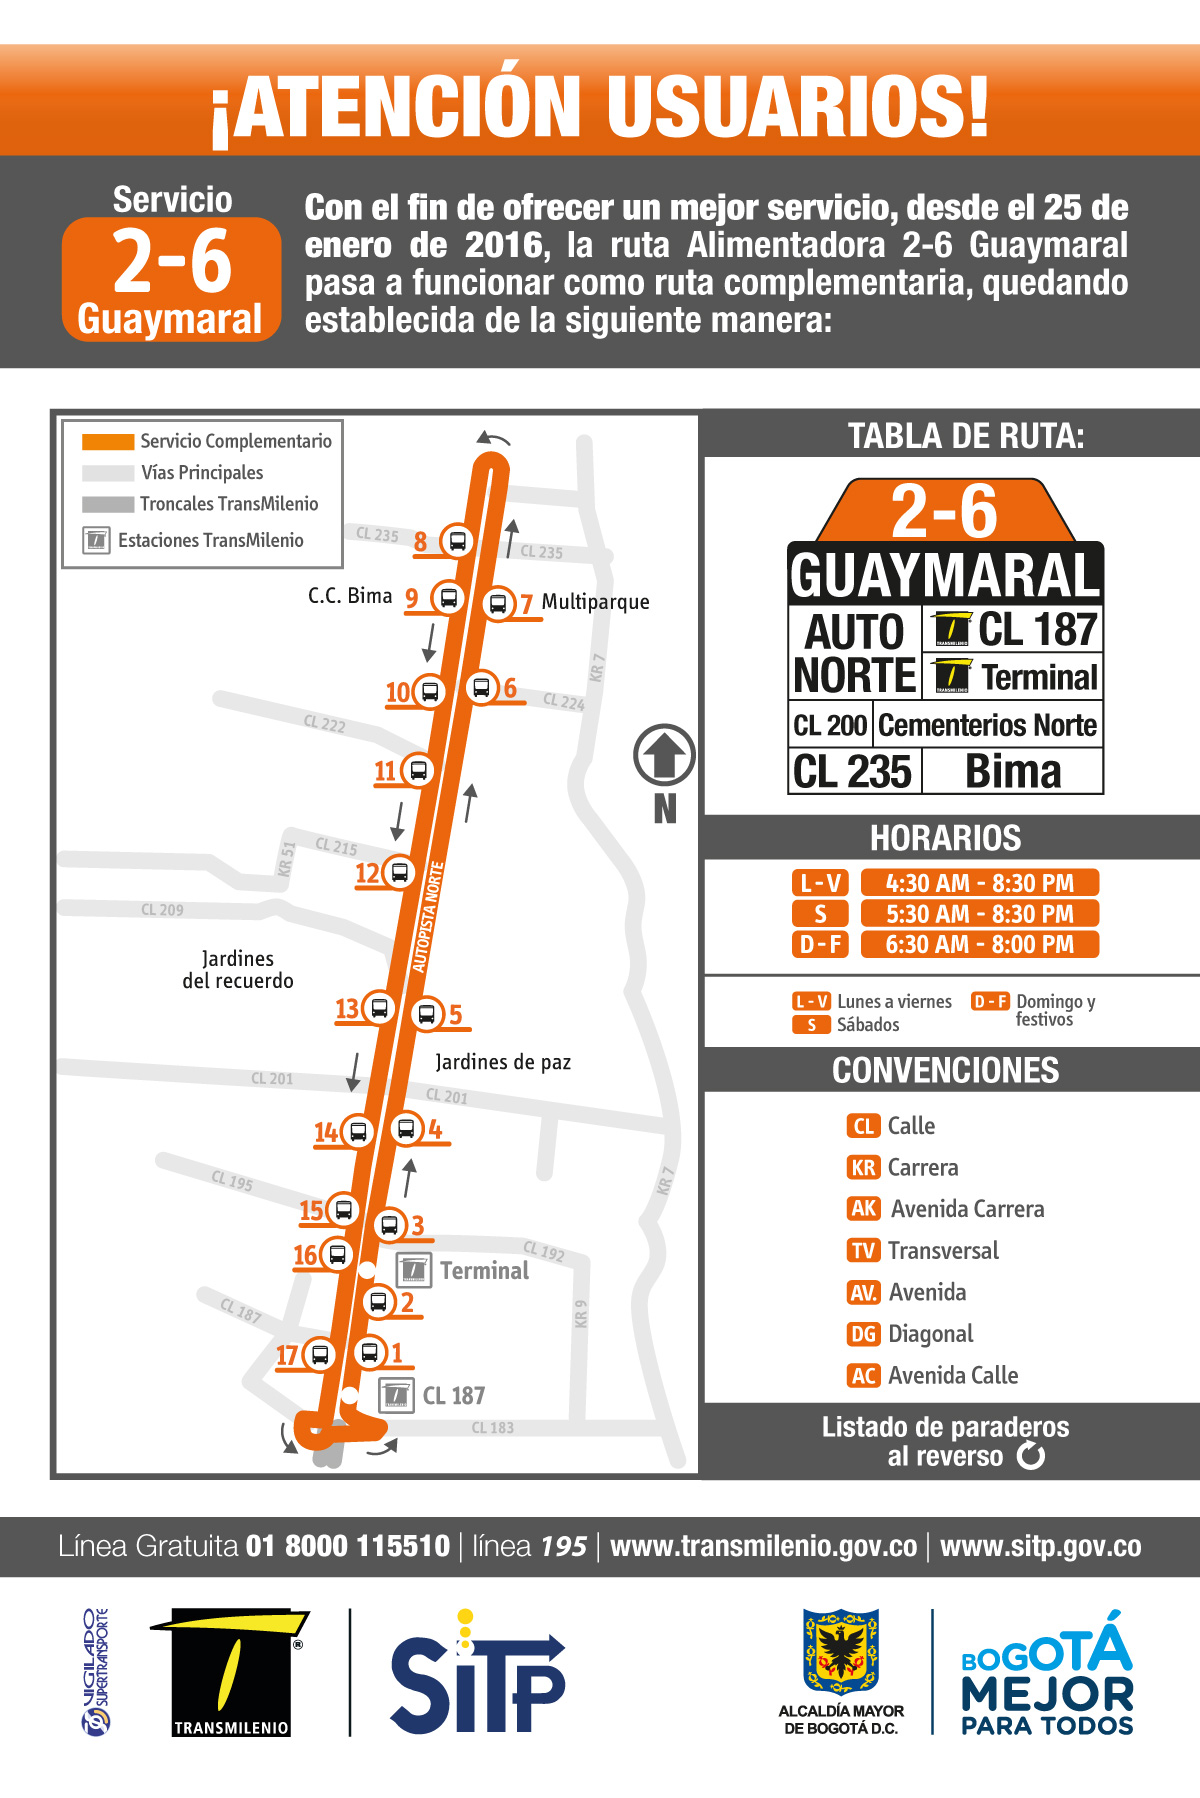 Ruta SITP: 2-6 Guaymaral [Complementaria]